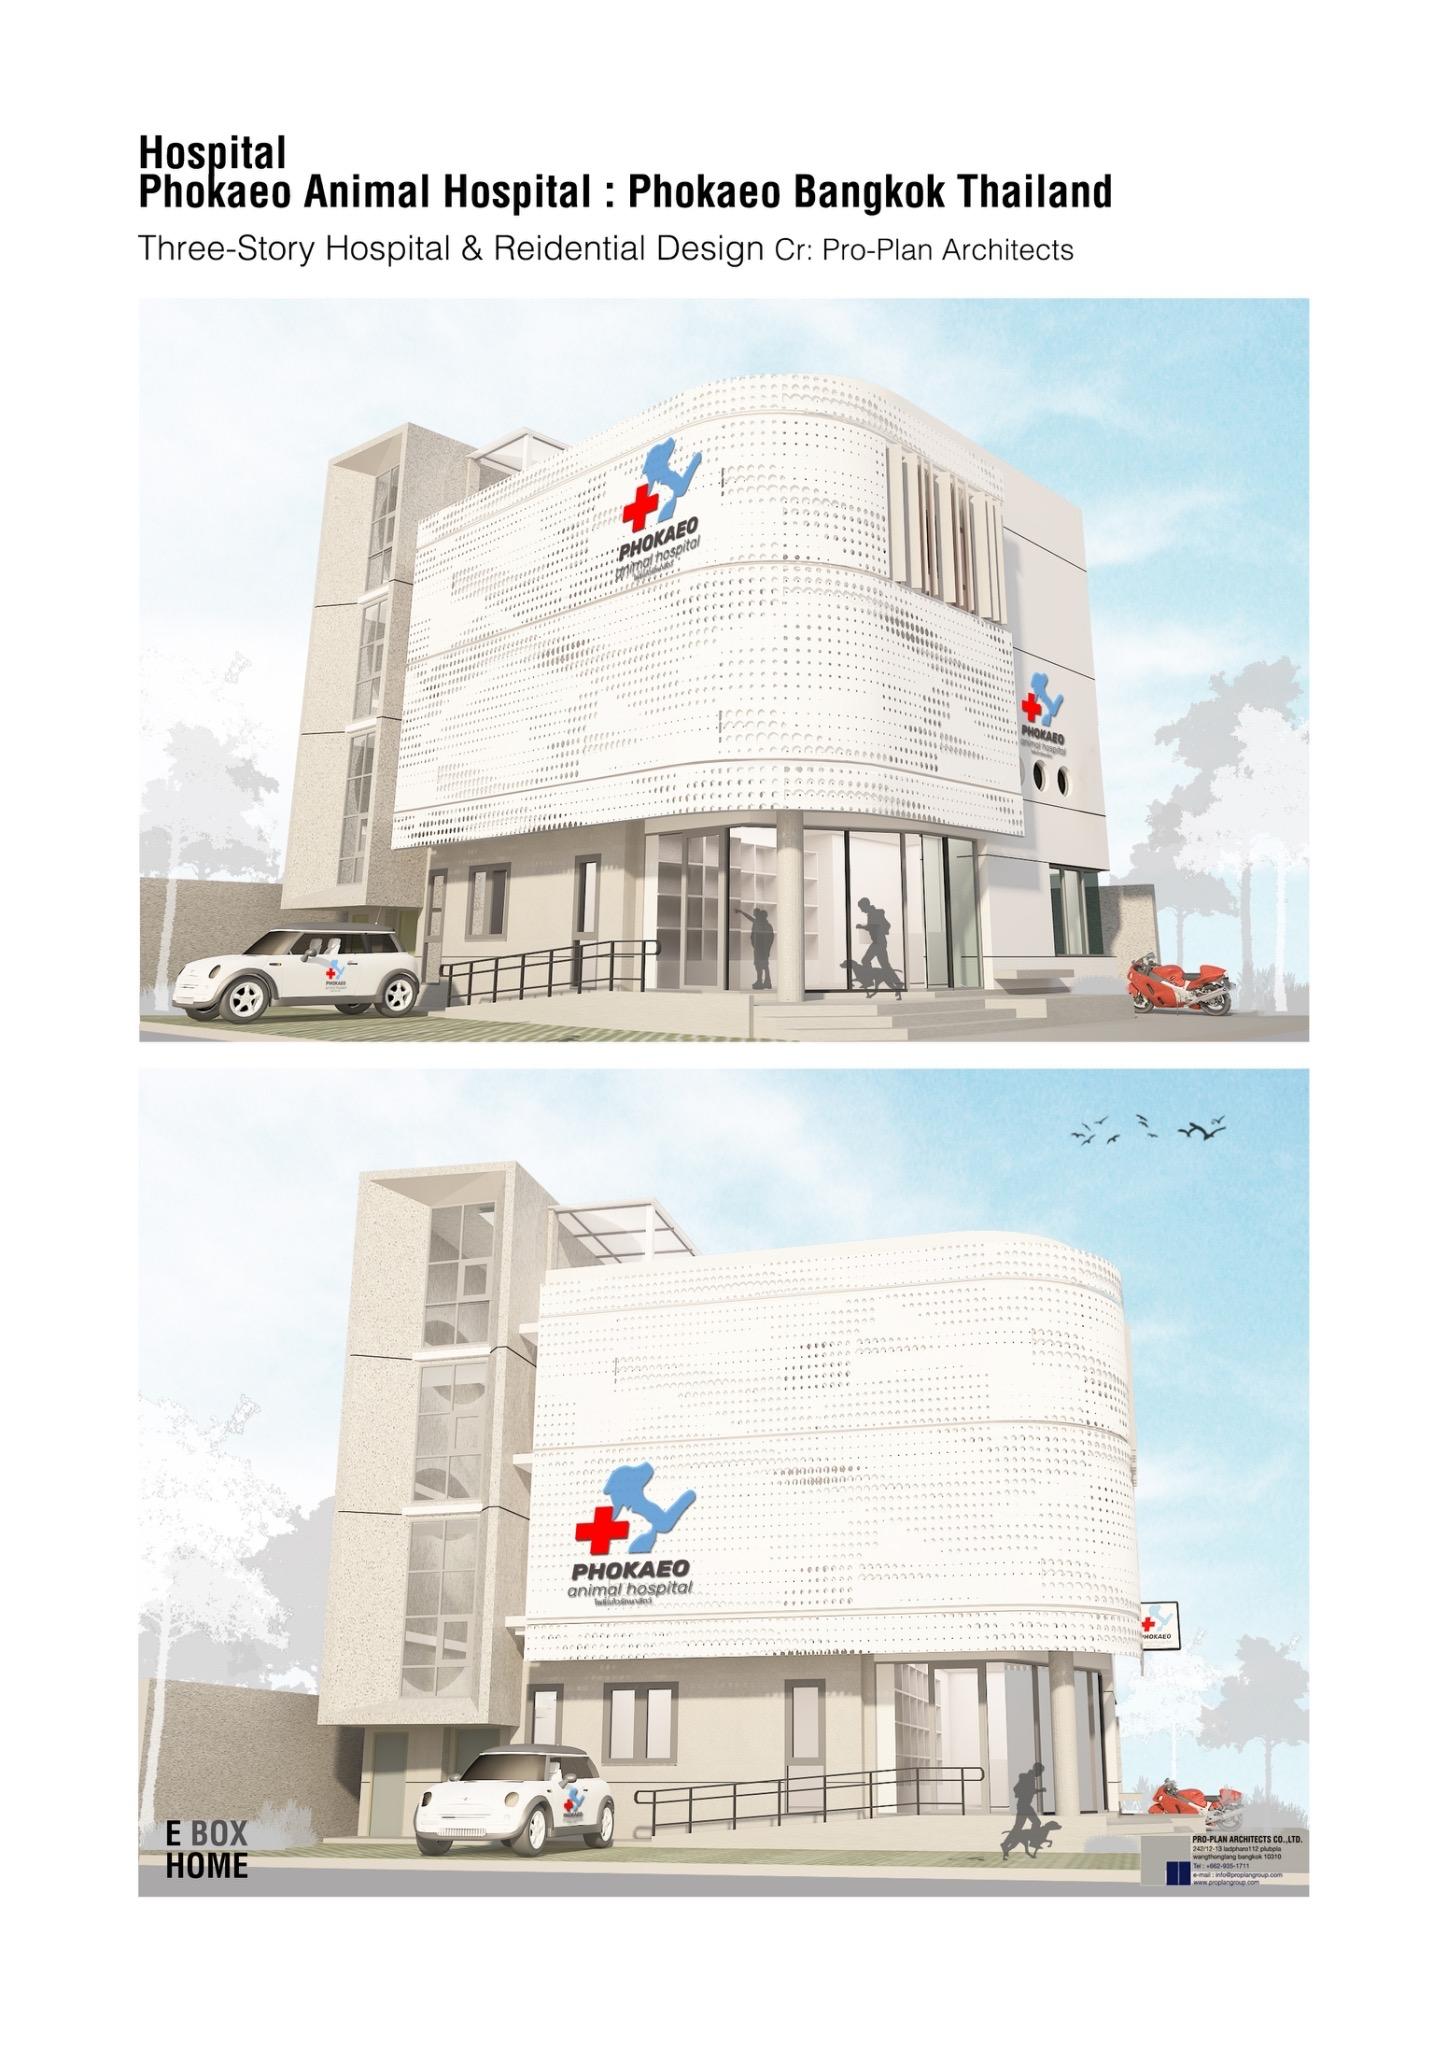 Phokaeo Animal Hospital